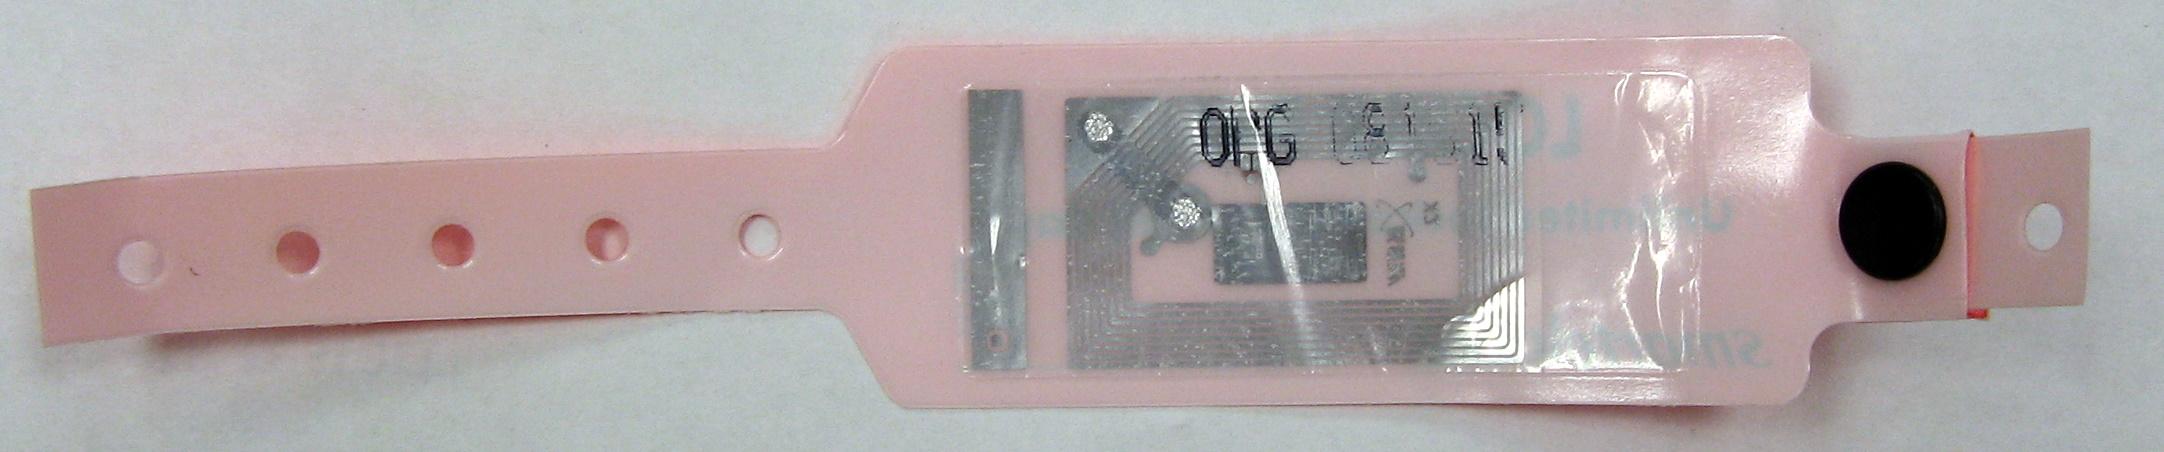 RFID bracelet bottom